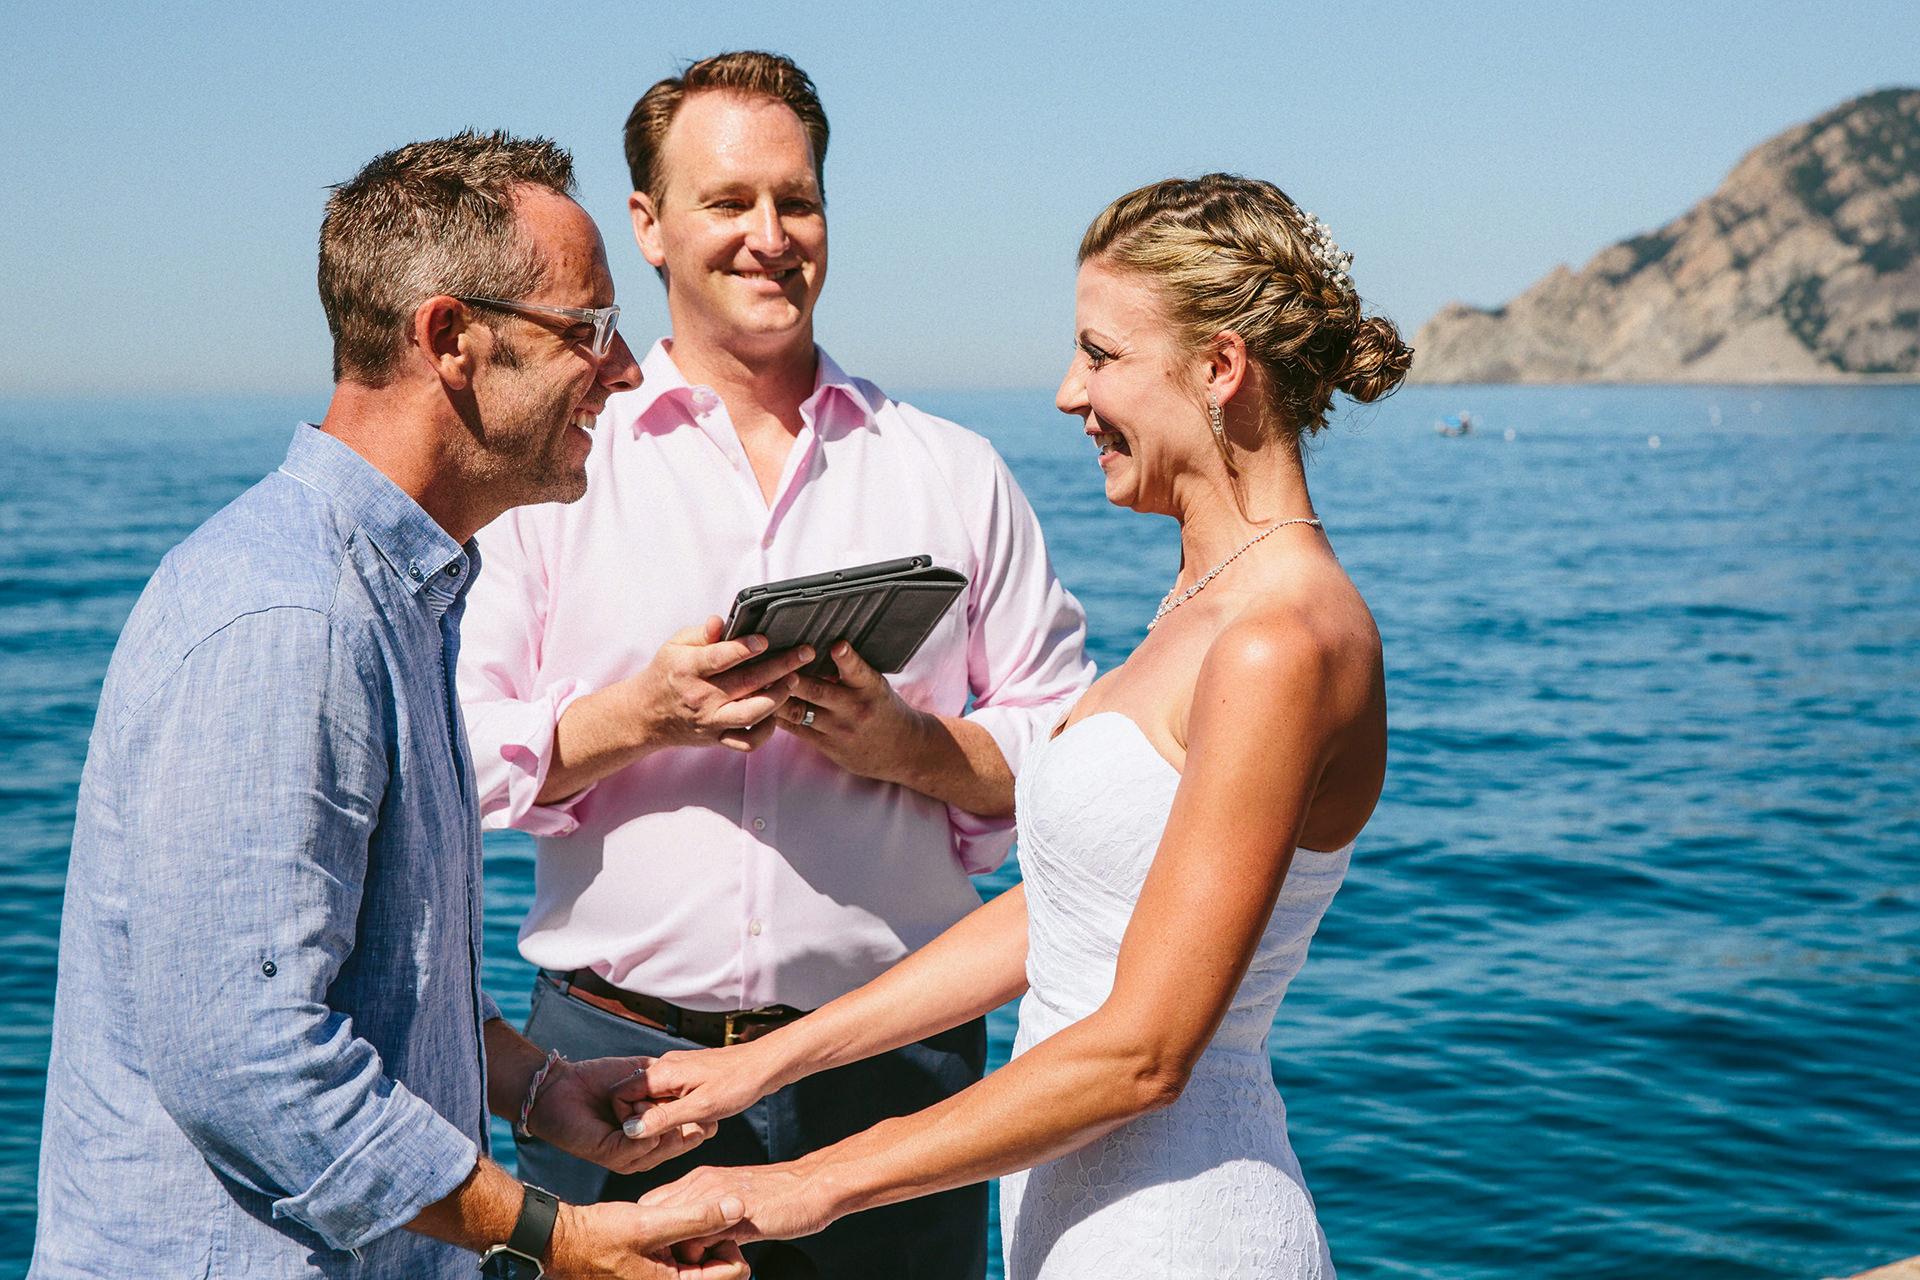 Cérémonie de mariage des Cinque Terre - Italie Elopement Photos | Une cérémonie très intime sur la jetée de Vernazza.